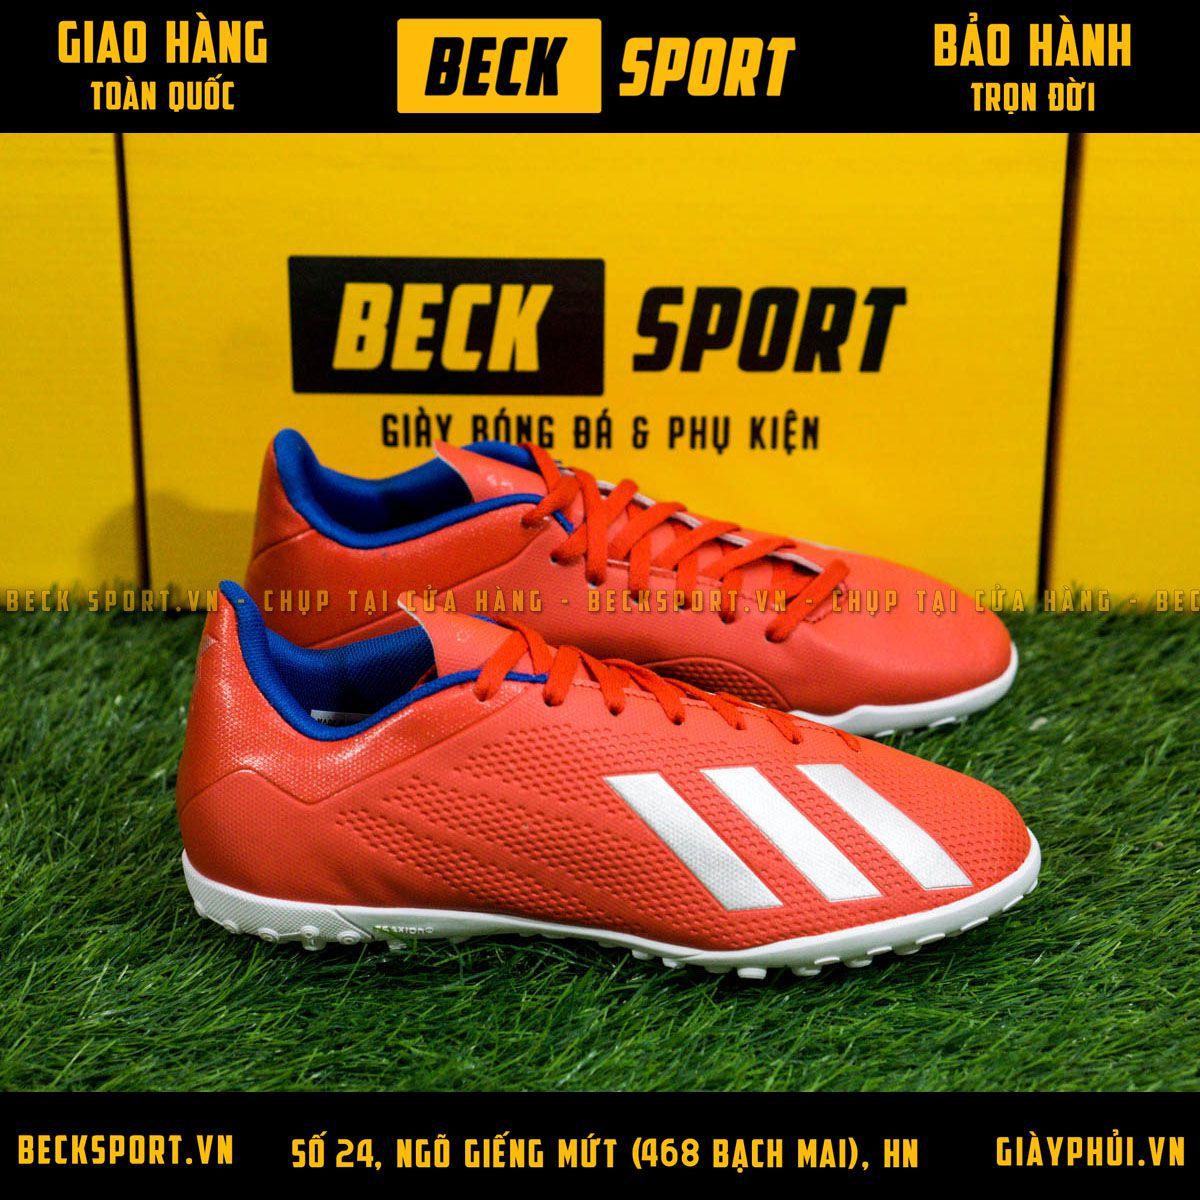 Giày Bóng Đá Adidas X 18.4 Đỏ Vạch Bạc Đế Trắng TF